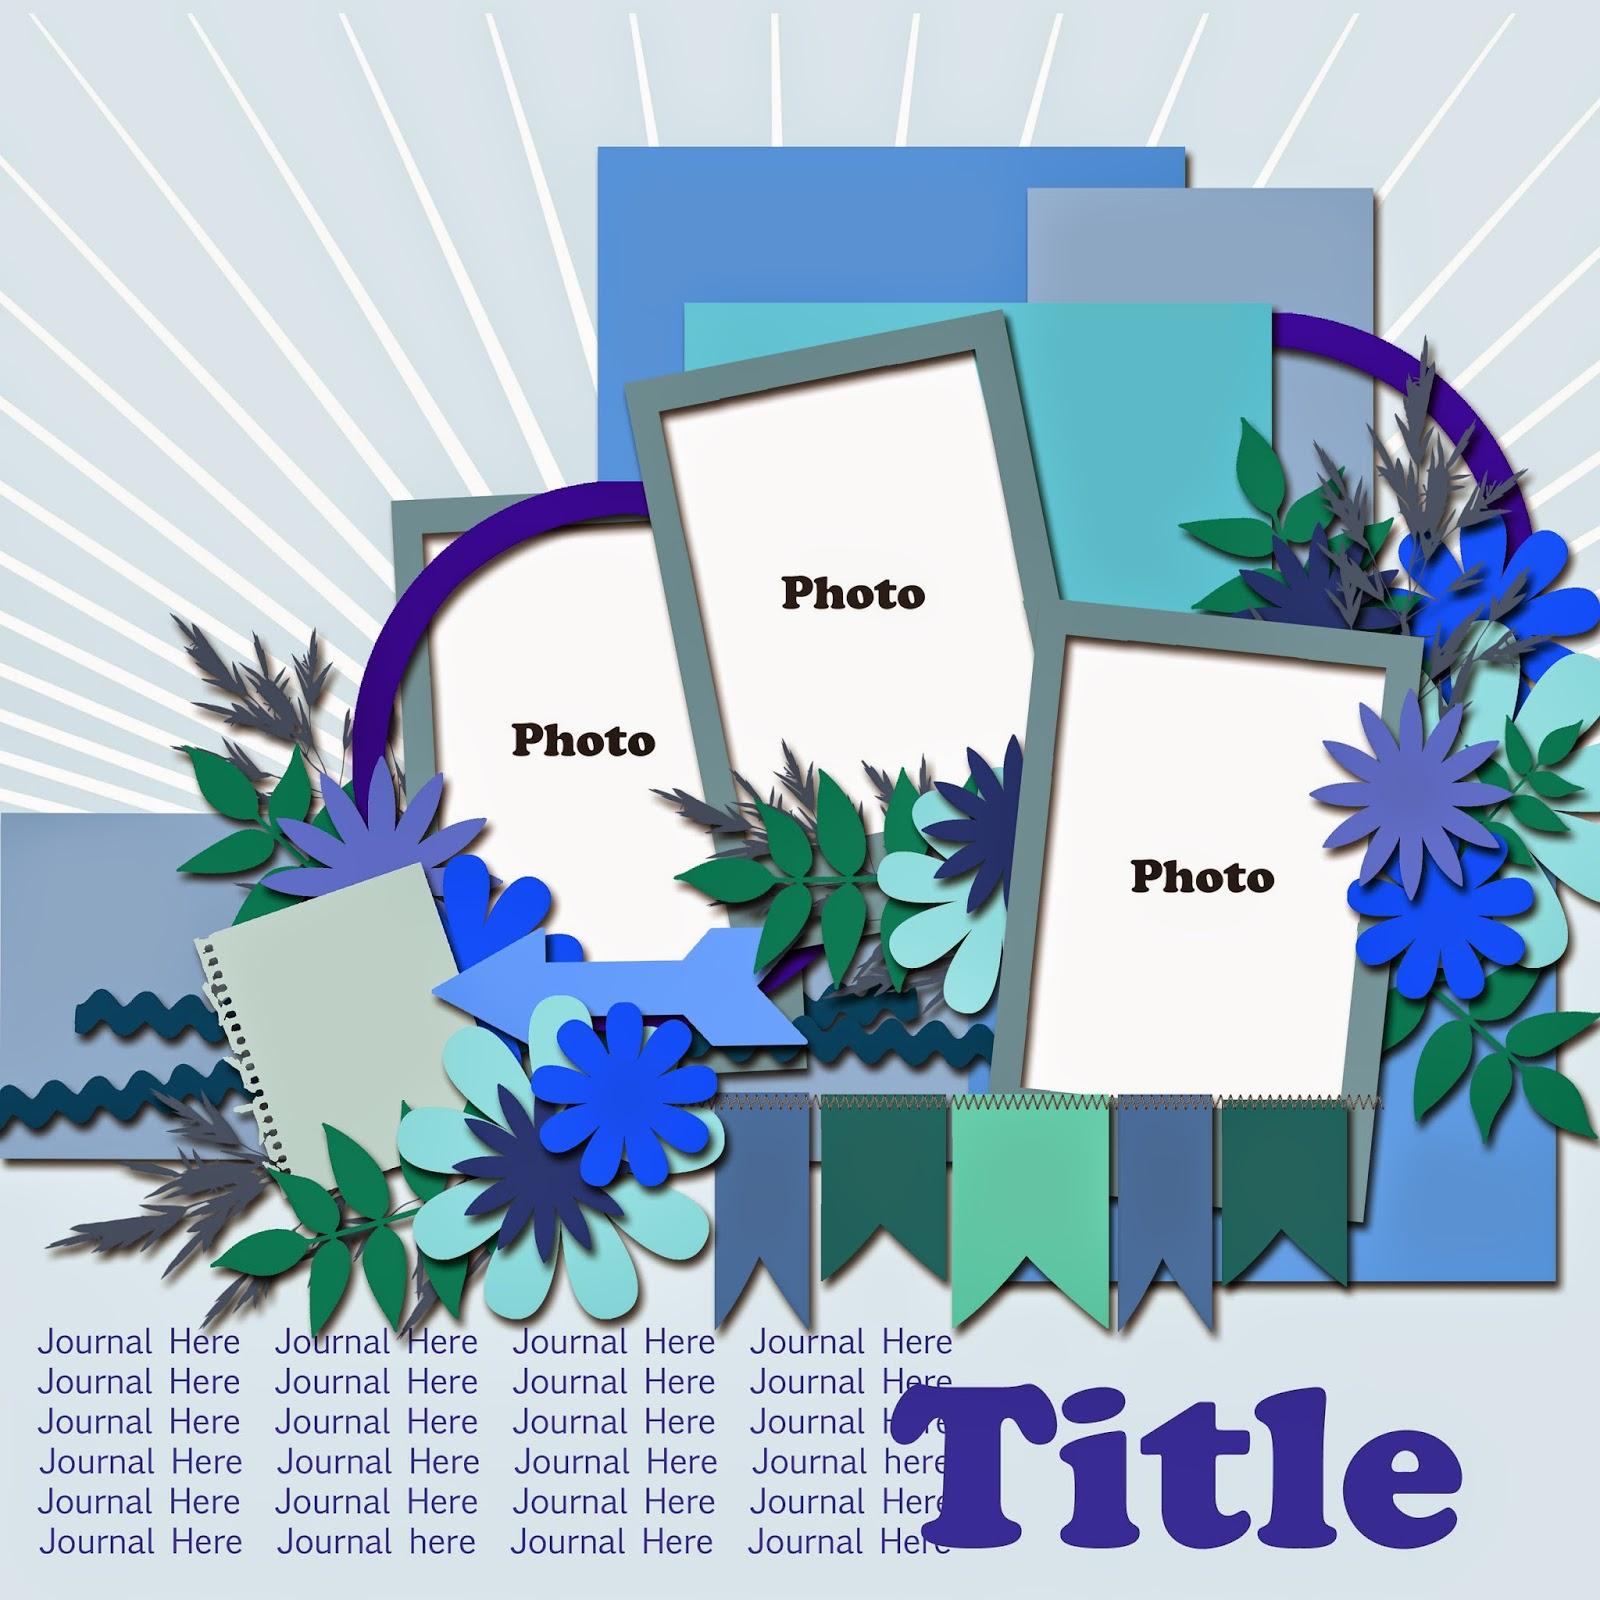 http://3.bp.blogspot.com/-b7Rob-kOc2I/U_n5YlUy_VI/AAAAAAAAAxU/-JZtgMGuk7g/s1600/OklahomaDawn%2B08_24_14_edited-1.jpg